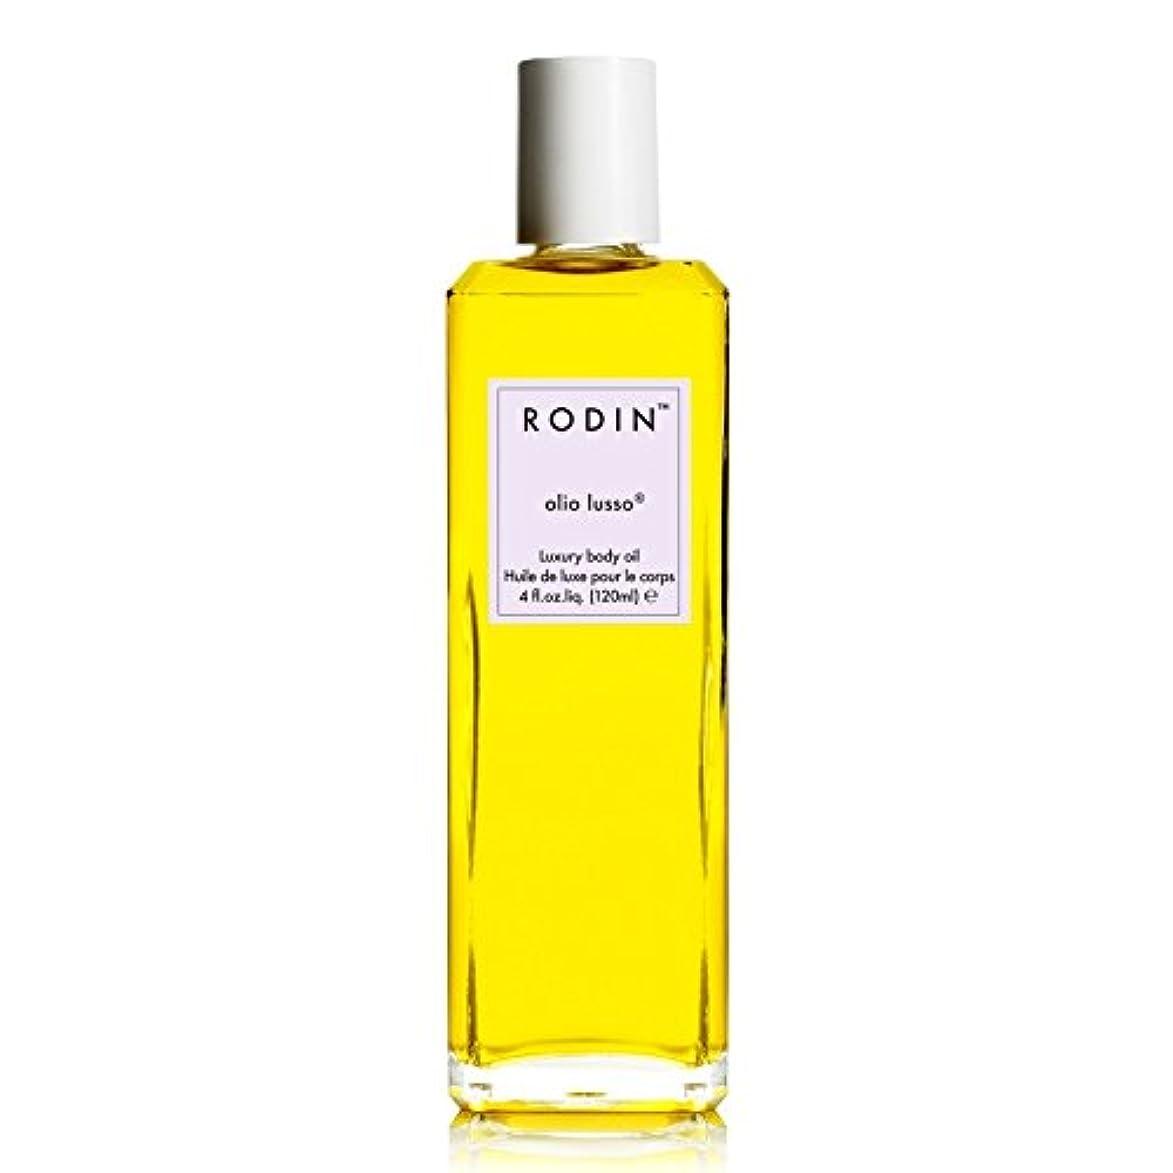 改善名誉してはいけないロダンルッソラベンダー絶対贅沢なボディオイル30ミリリットル x4 - RODIN olio lusso Lavender Absolute Luxury Body Oil 30ml (Pack of 4) [並行輸入品]